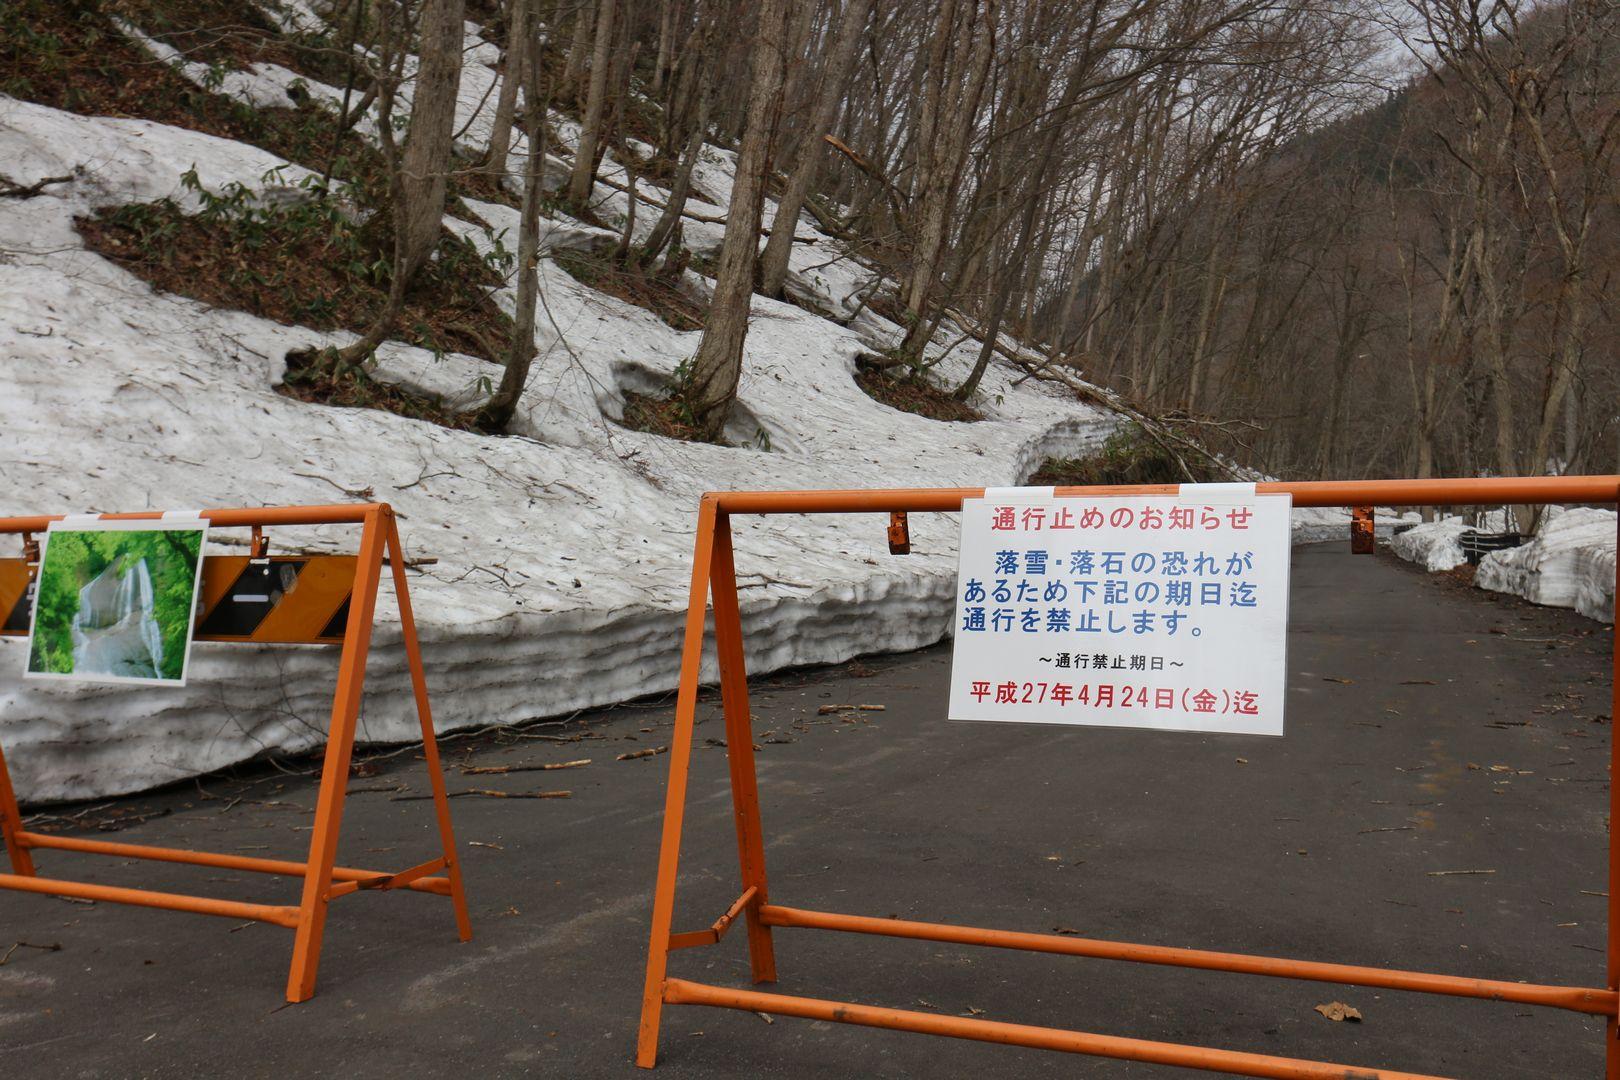 青森県田子町みろくの滝2015年4月17日の状況